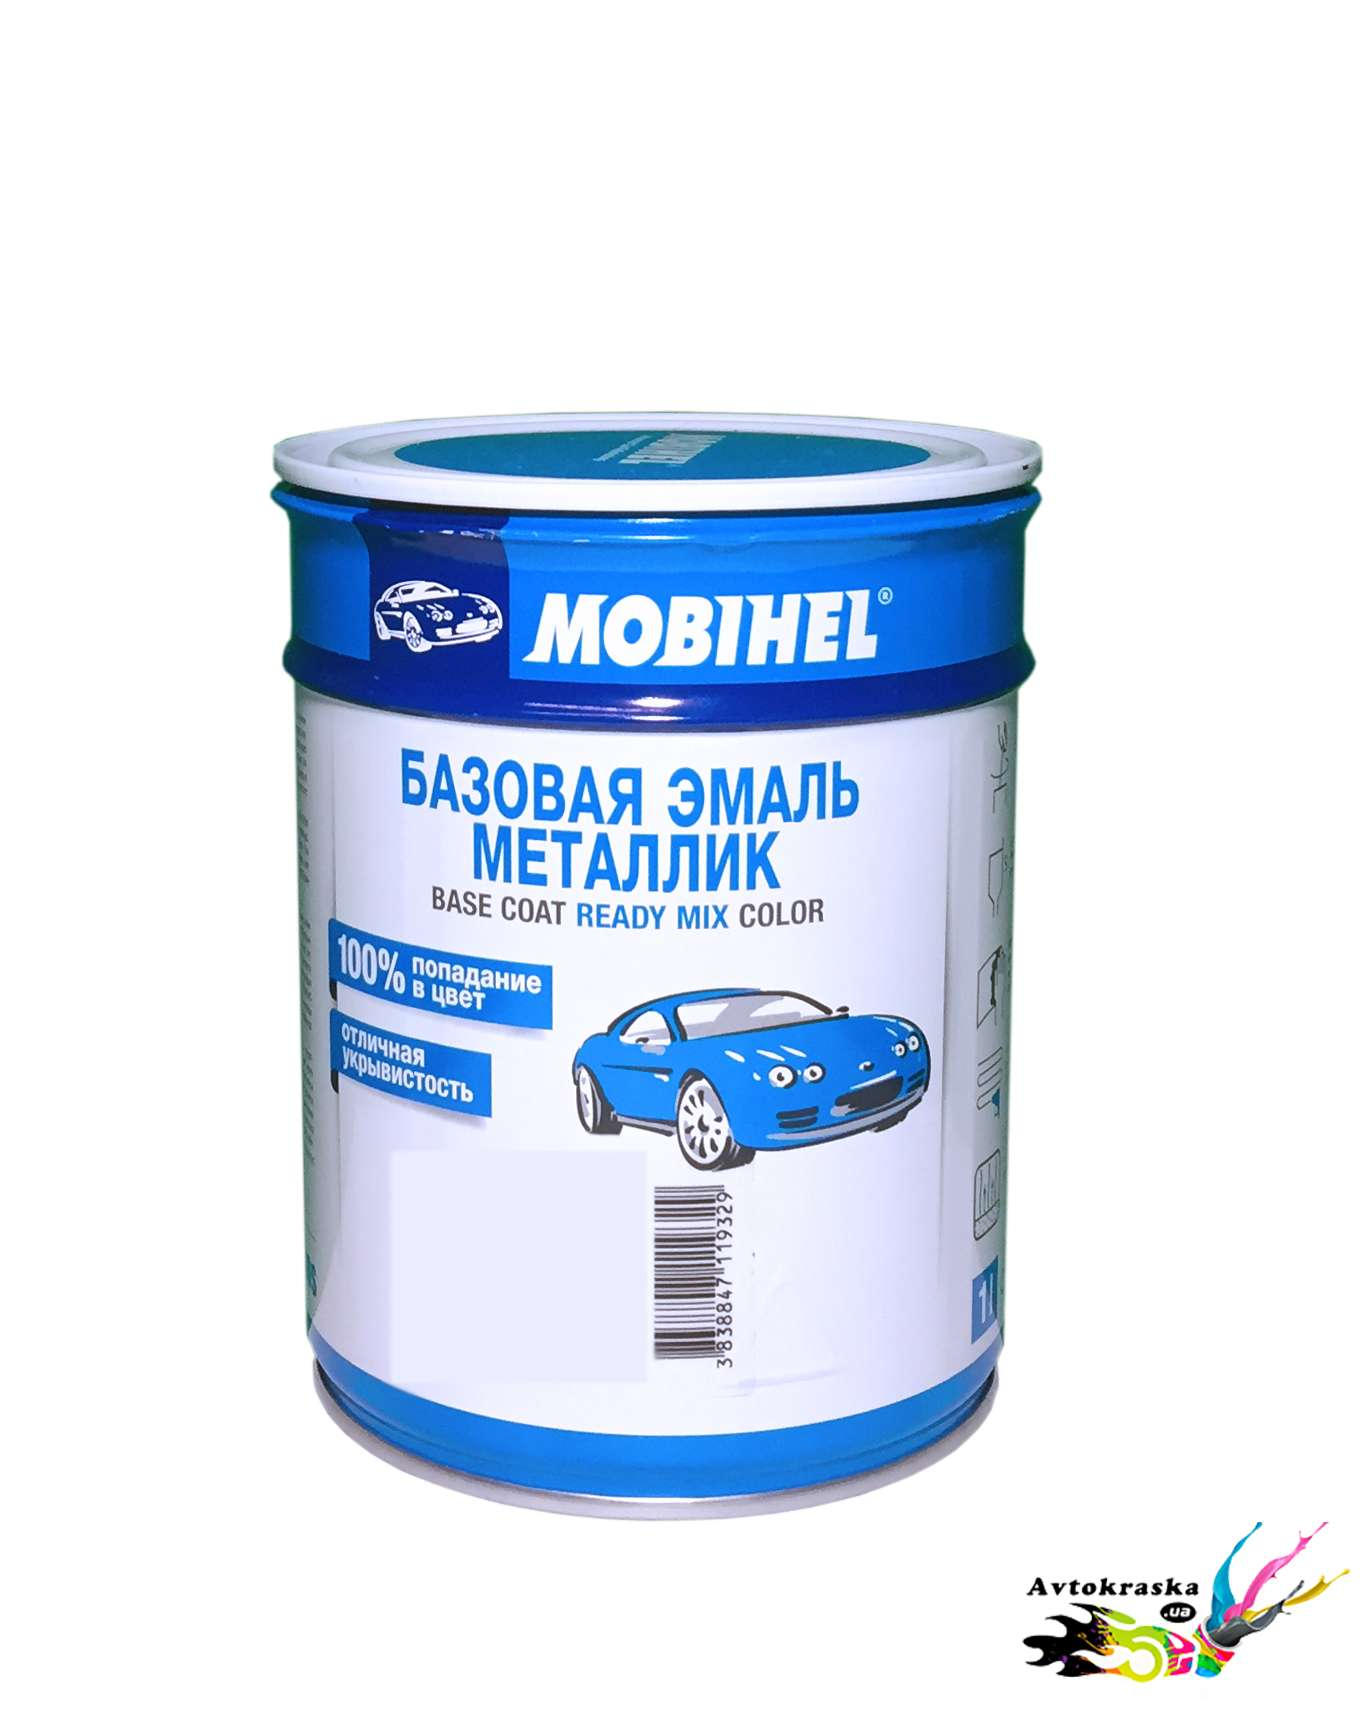 Mobihel Краска автомобильная Lada 446 Сапфир 1л